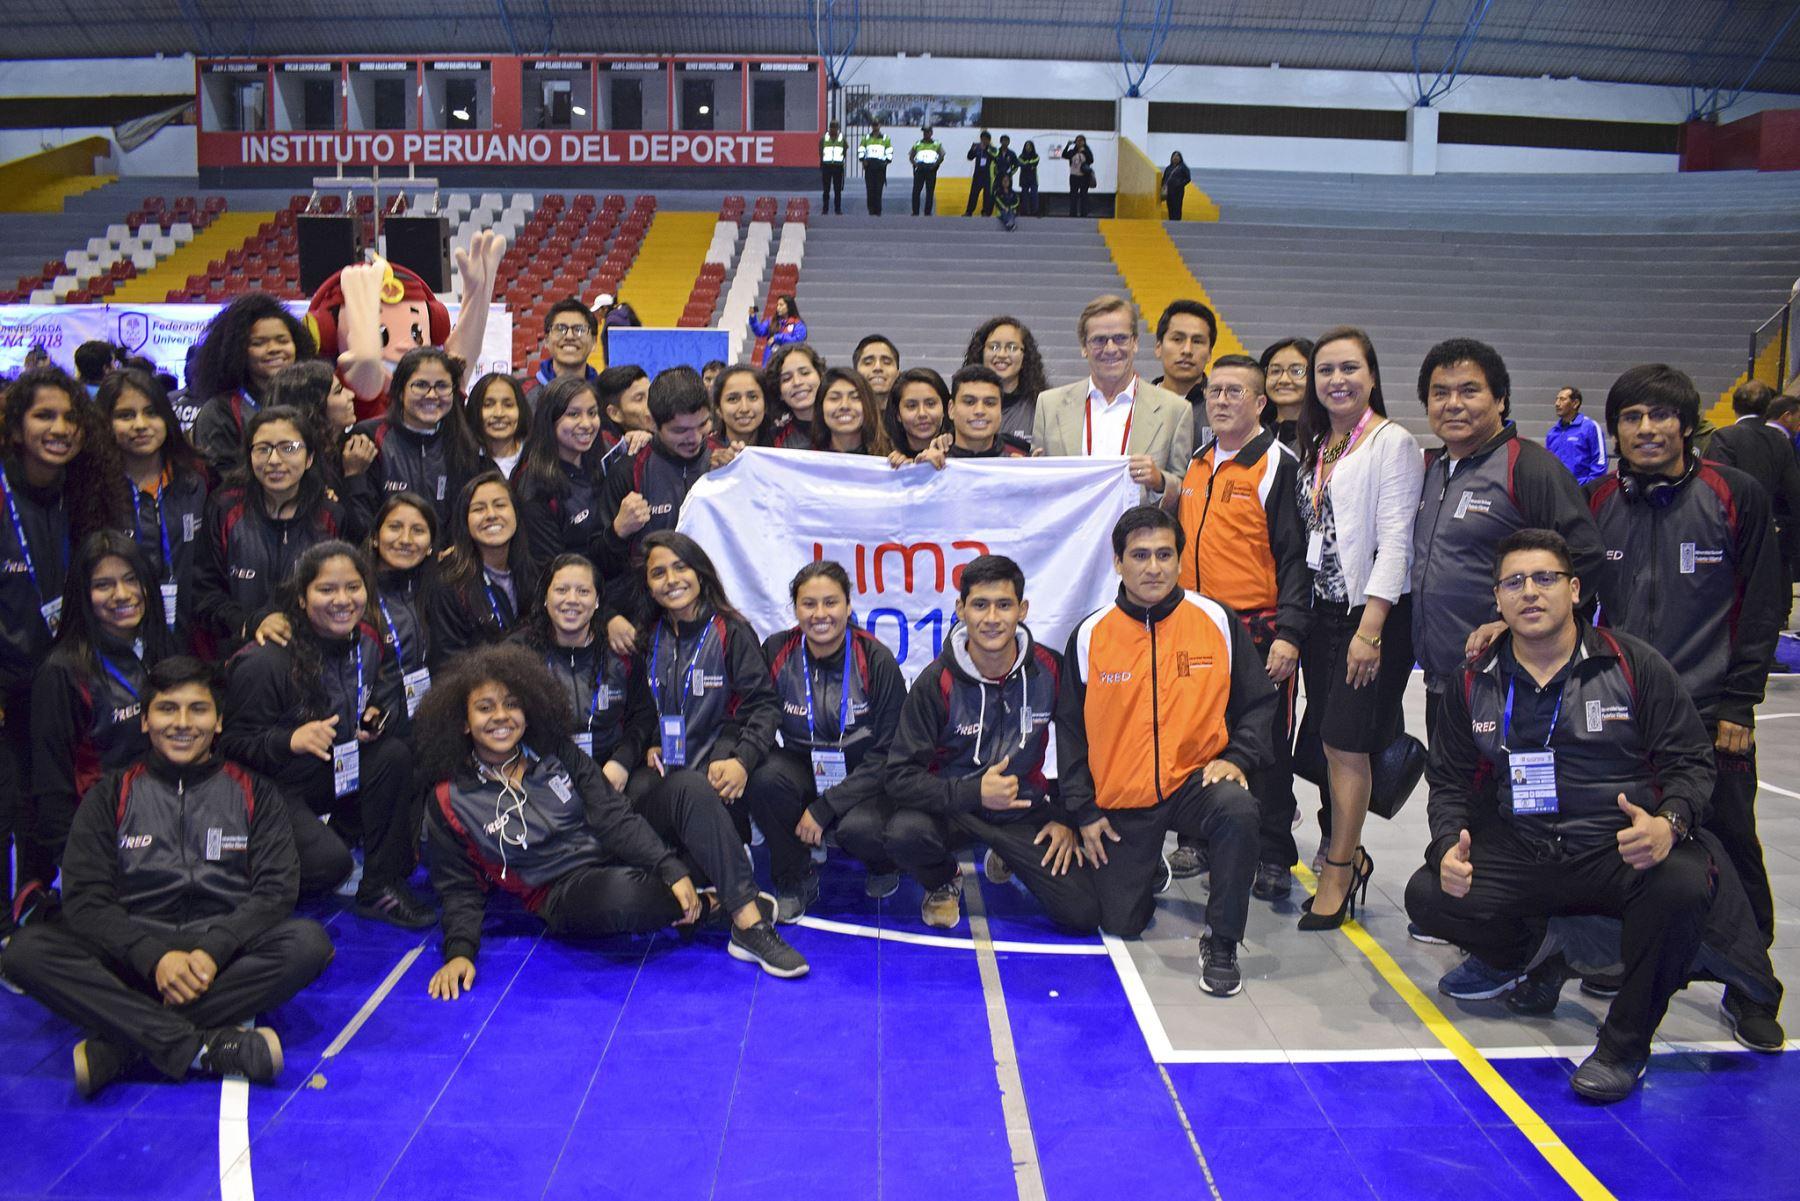 Los voluntarios será el alma de los Juegos Lima 2019. Se requieren 19 mil para cubrir las plazas